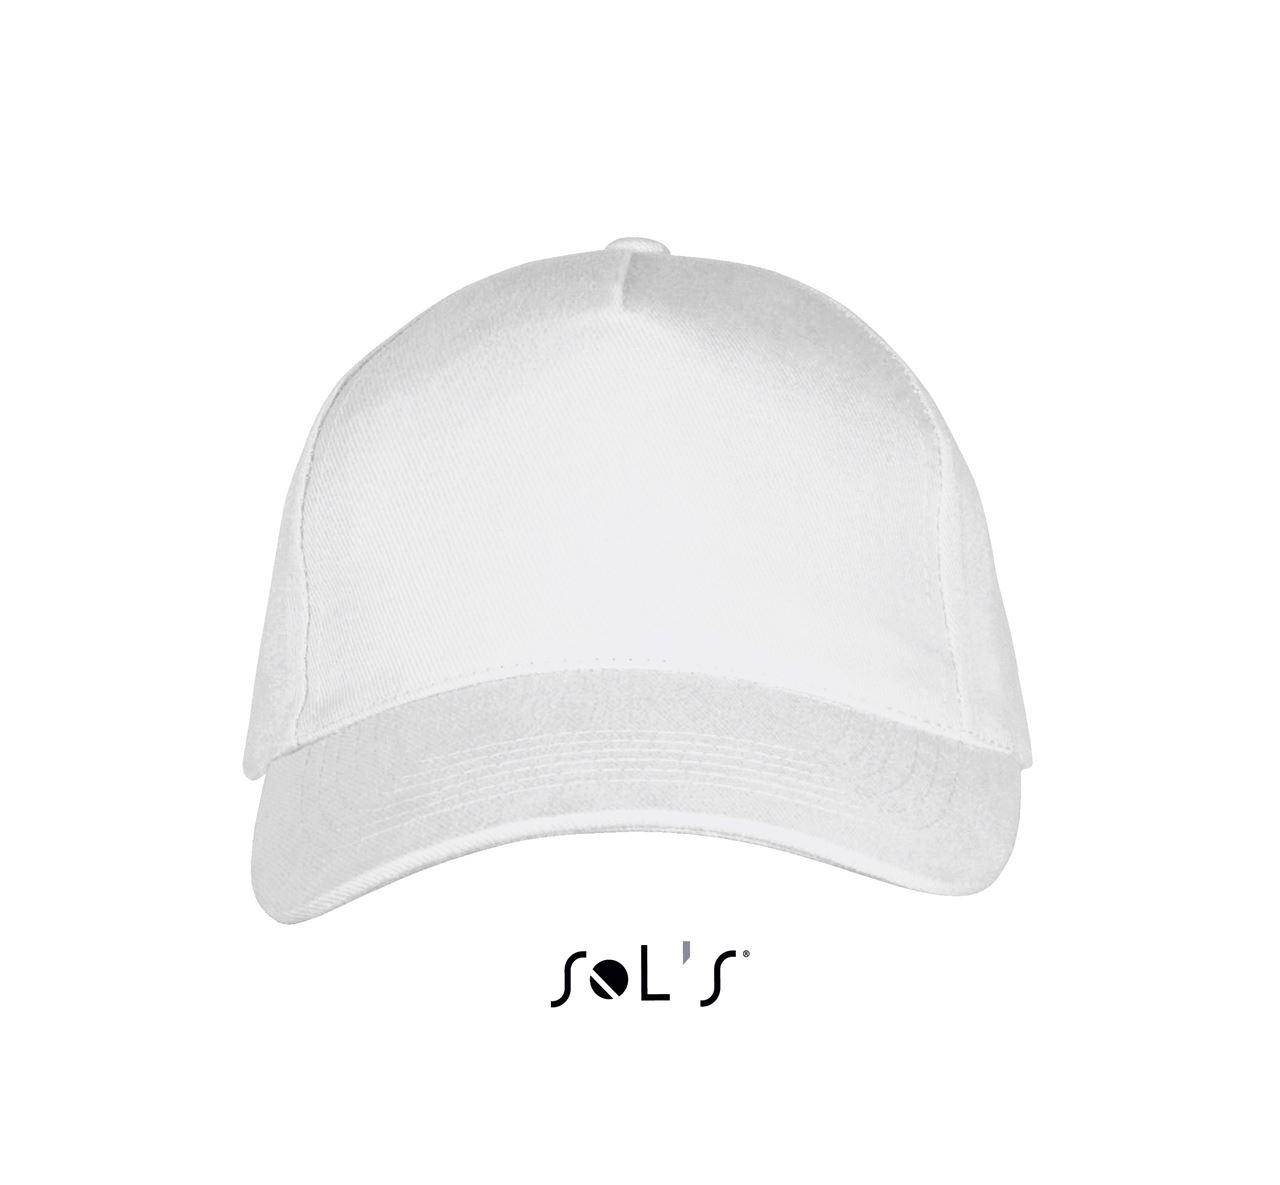 LONG BEACH - 5 PANEL CAP